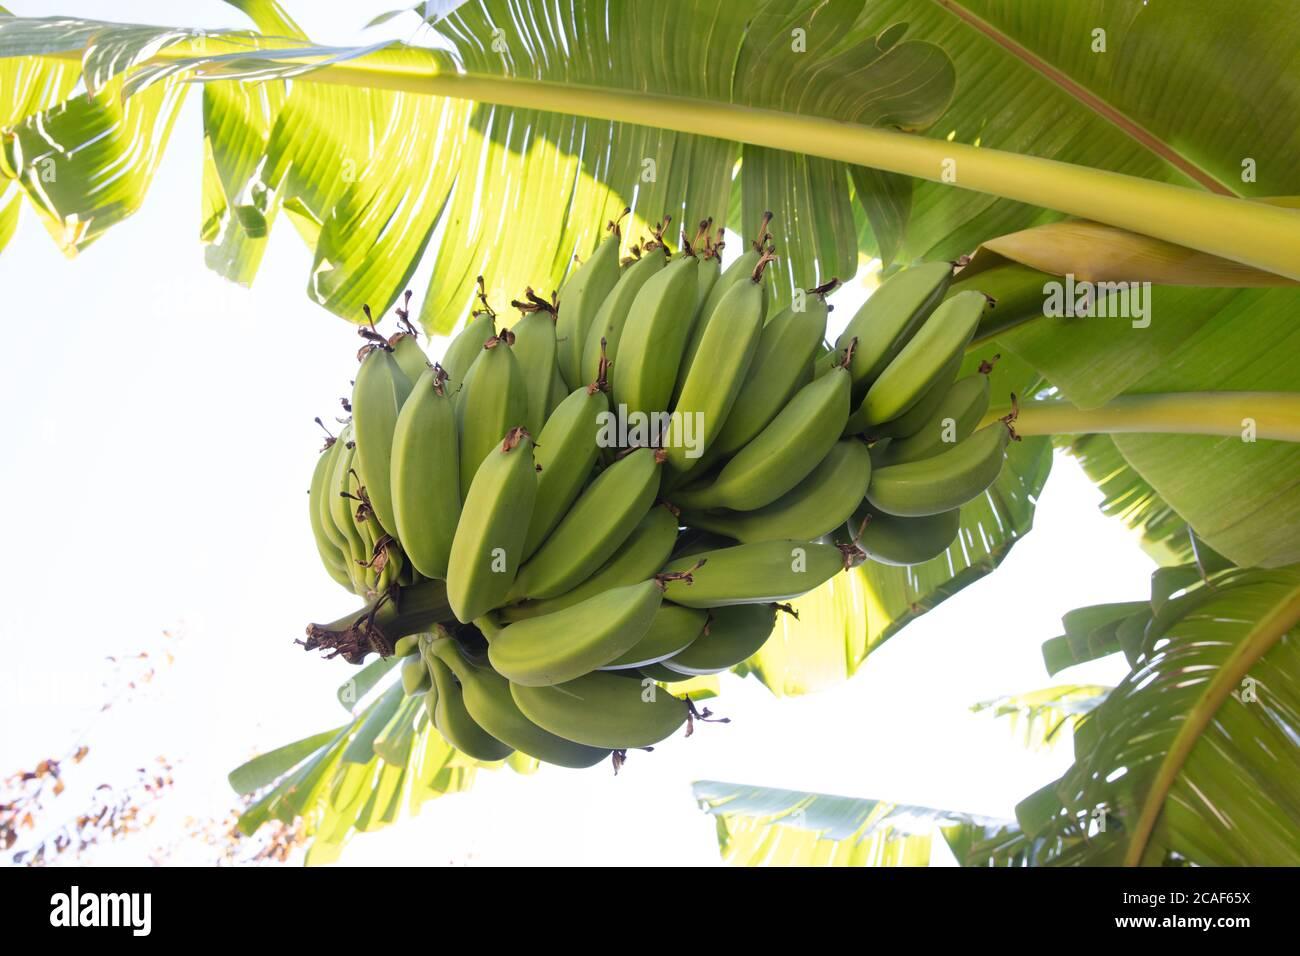 Plátano verde joven orgánico en un racimo en un árbol. Racimo de plátanos inmaduros en un árbol. Las frutas de plátano se desarrollan a partir de la inflorescencia también conocida como plátano he Foto de stock